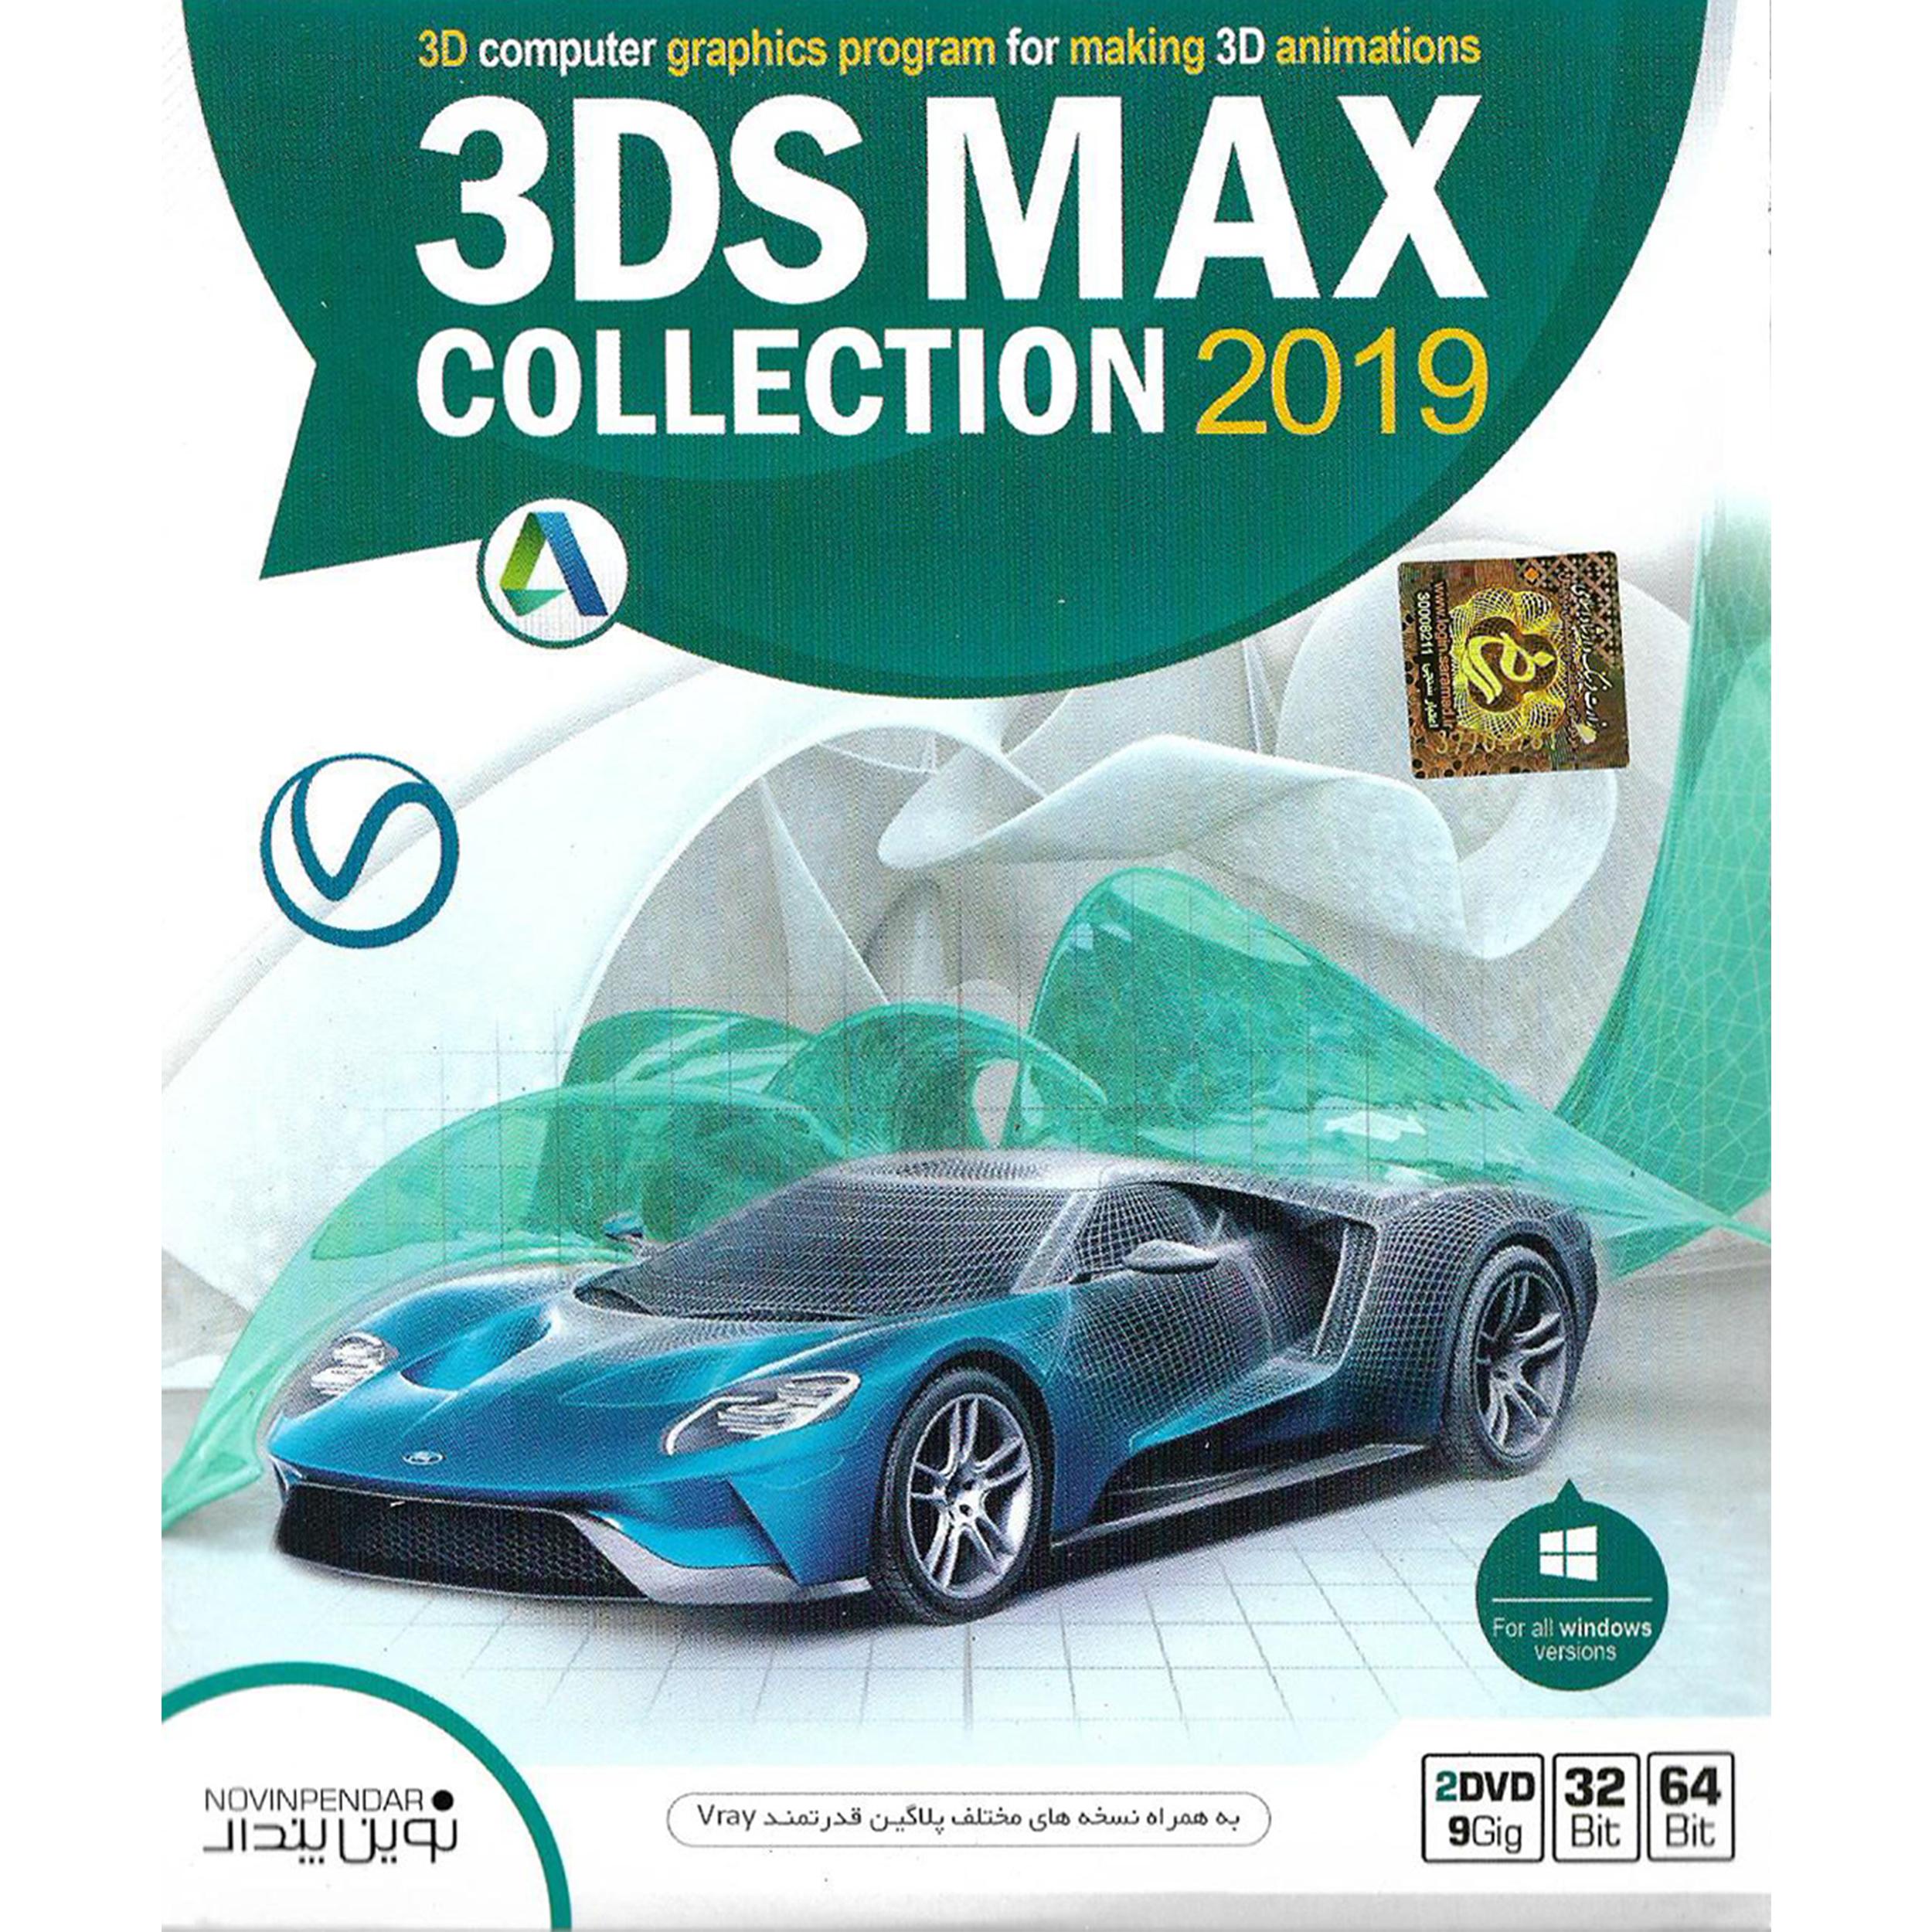 مجموعه نرم افزار 3DS MAX collection 2019 نشر نوین پندار